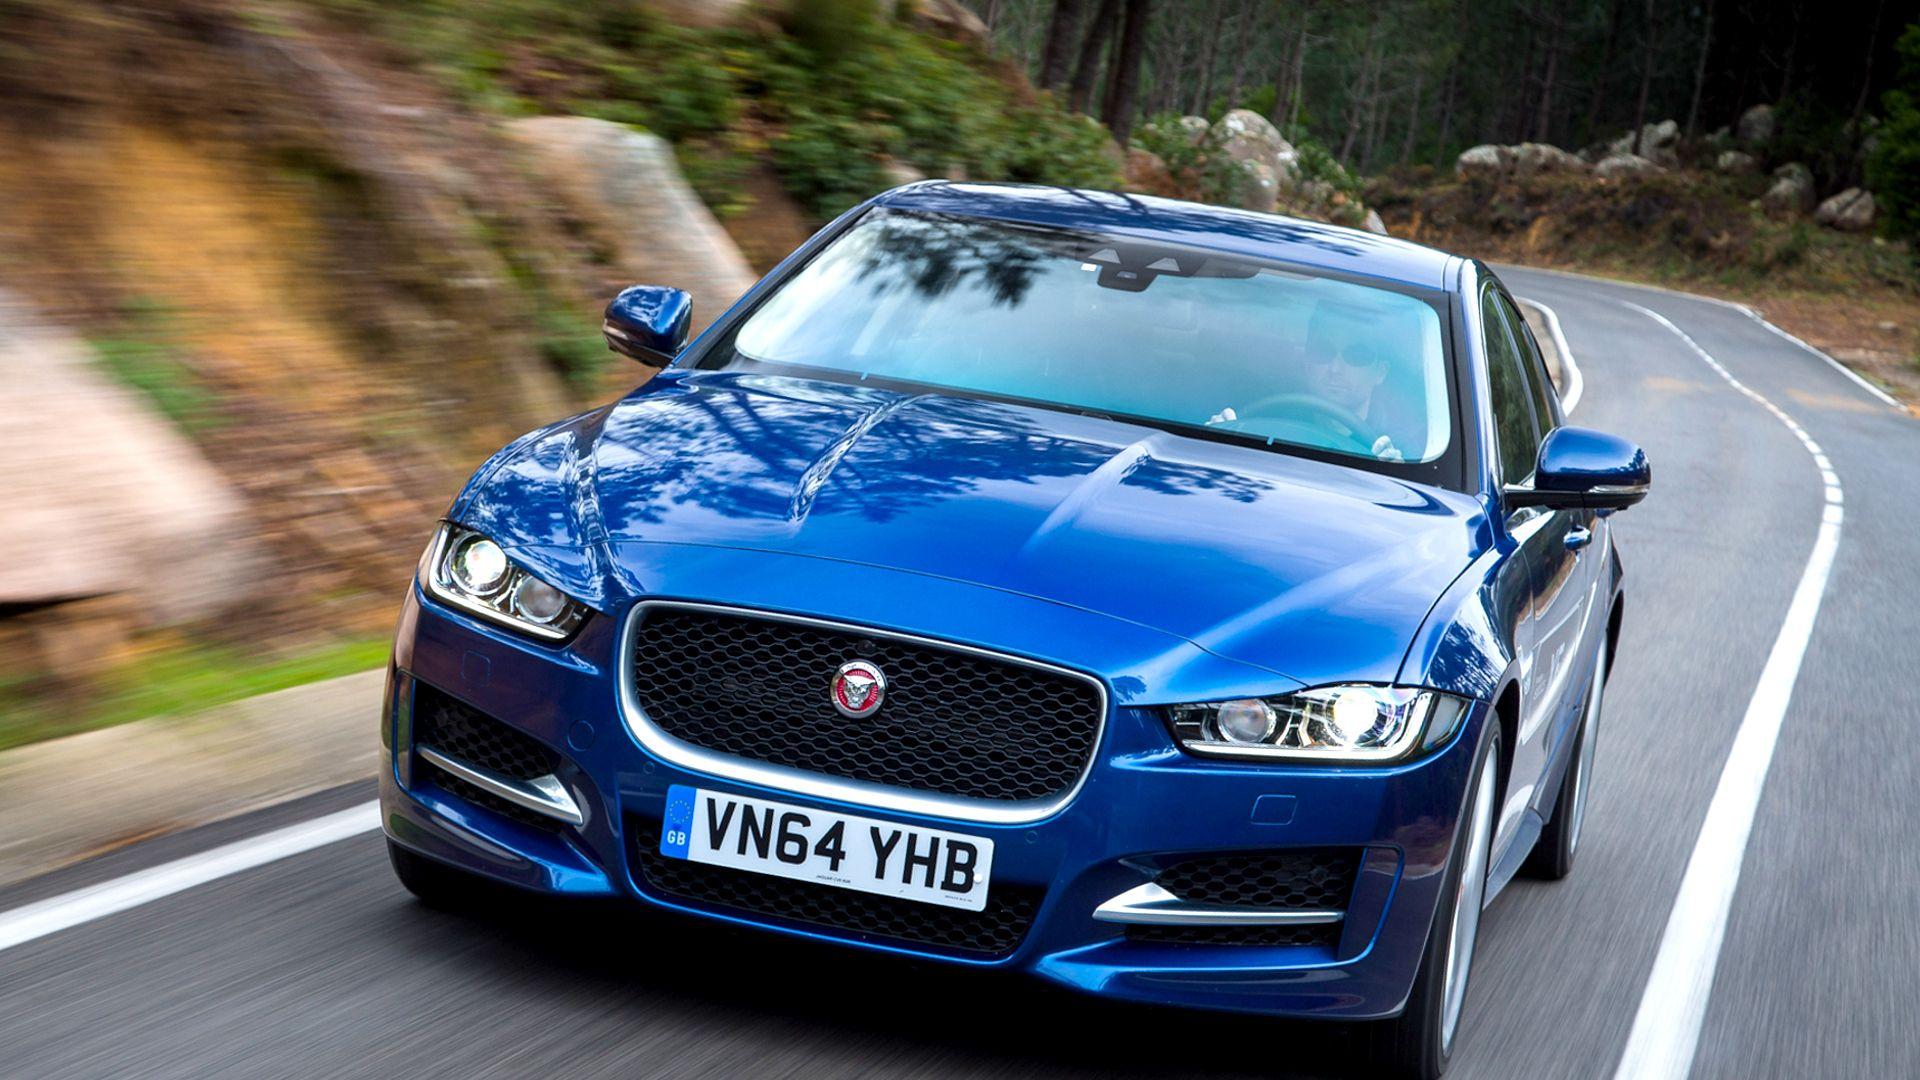 2019 Jaguar XE Review Jaguar xe, Jaguar, Tata motors